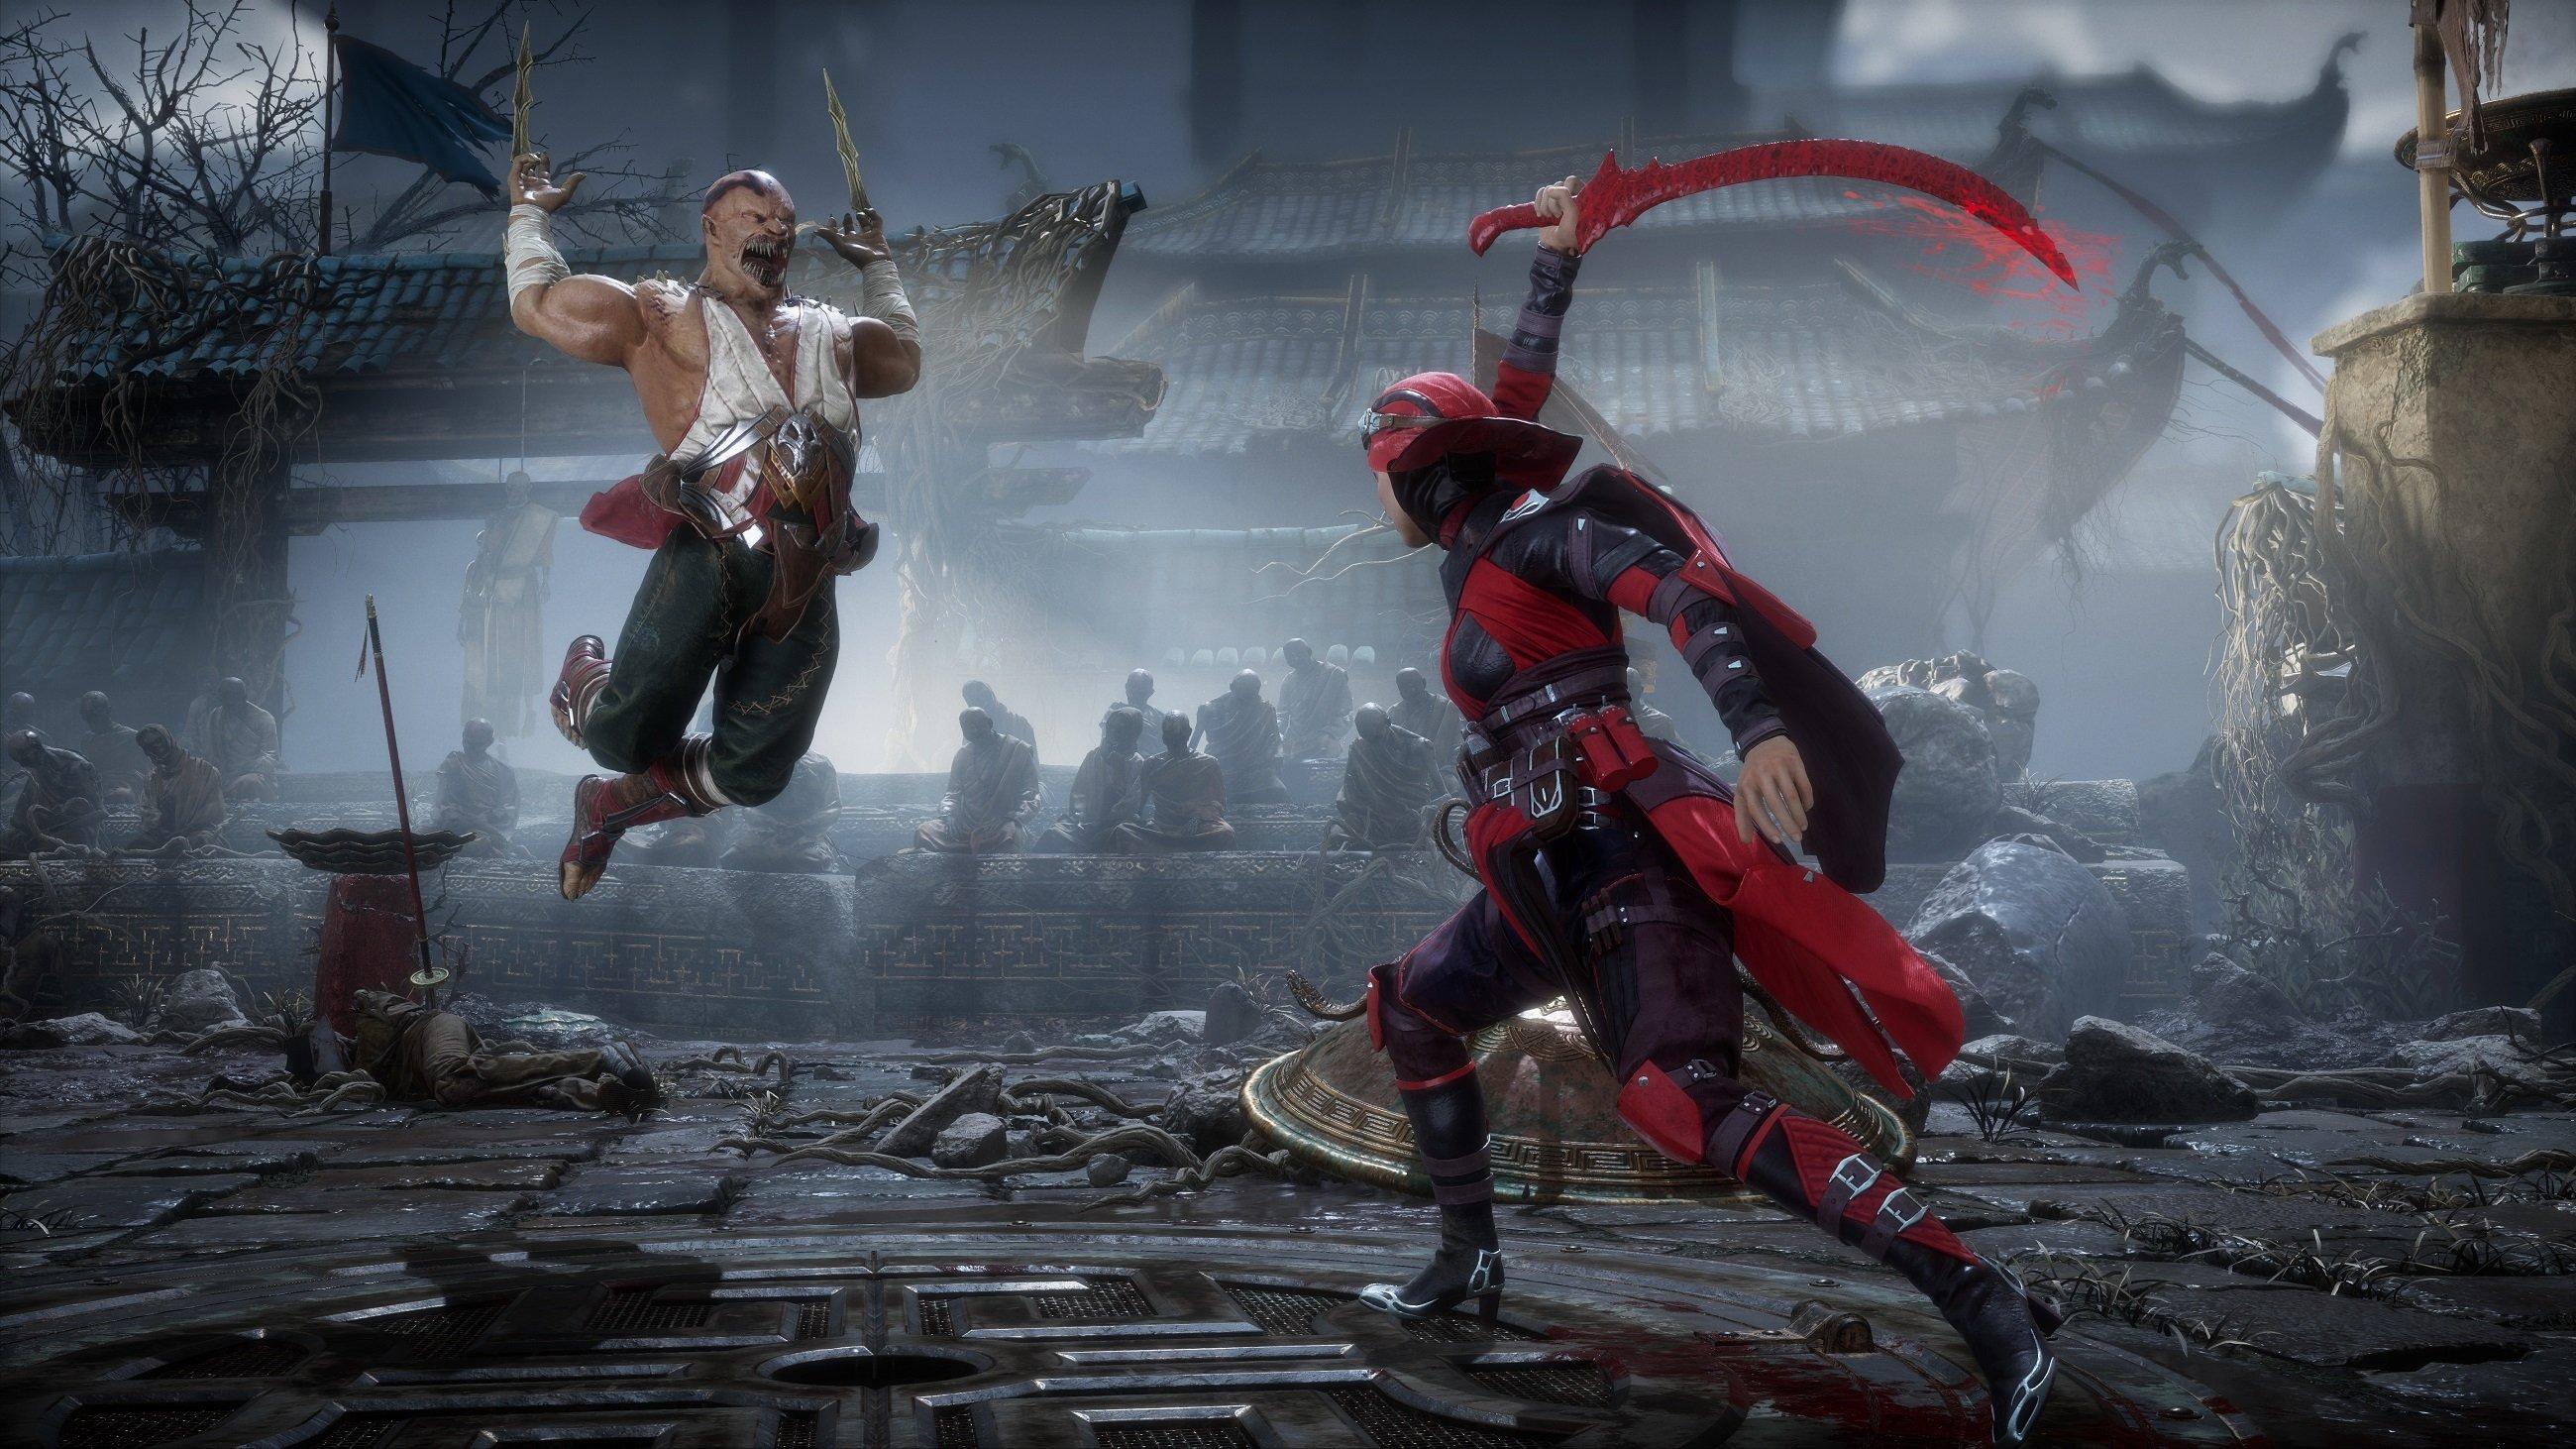 Y a-t-il une coopérative locale dans Mortal Kombat 11 ?